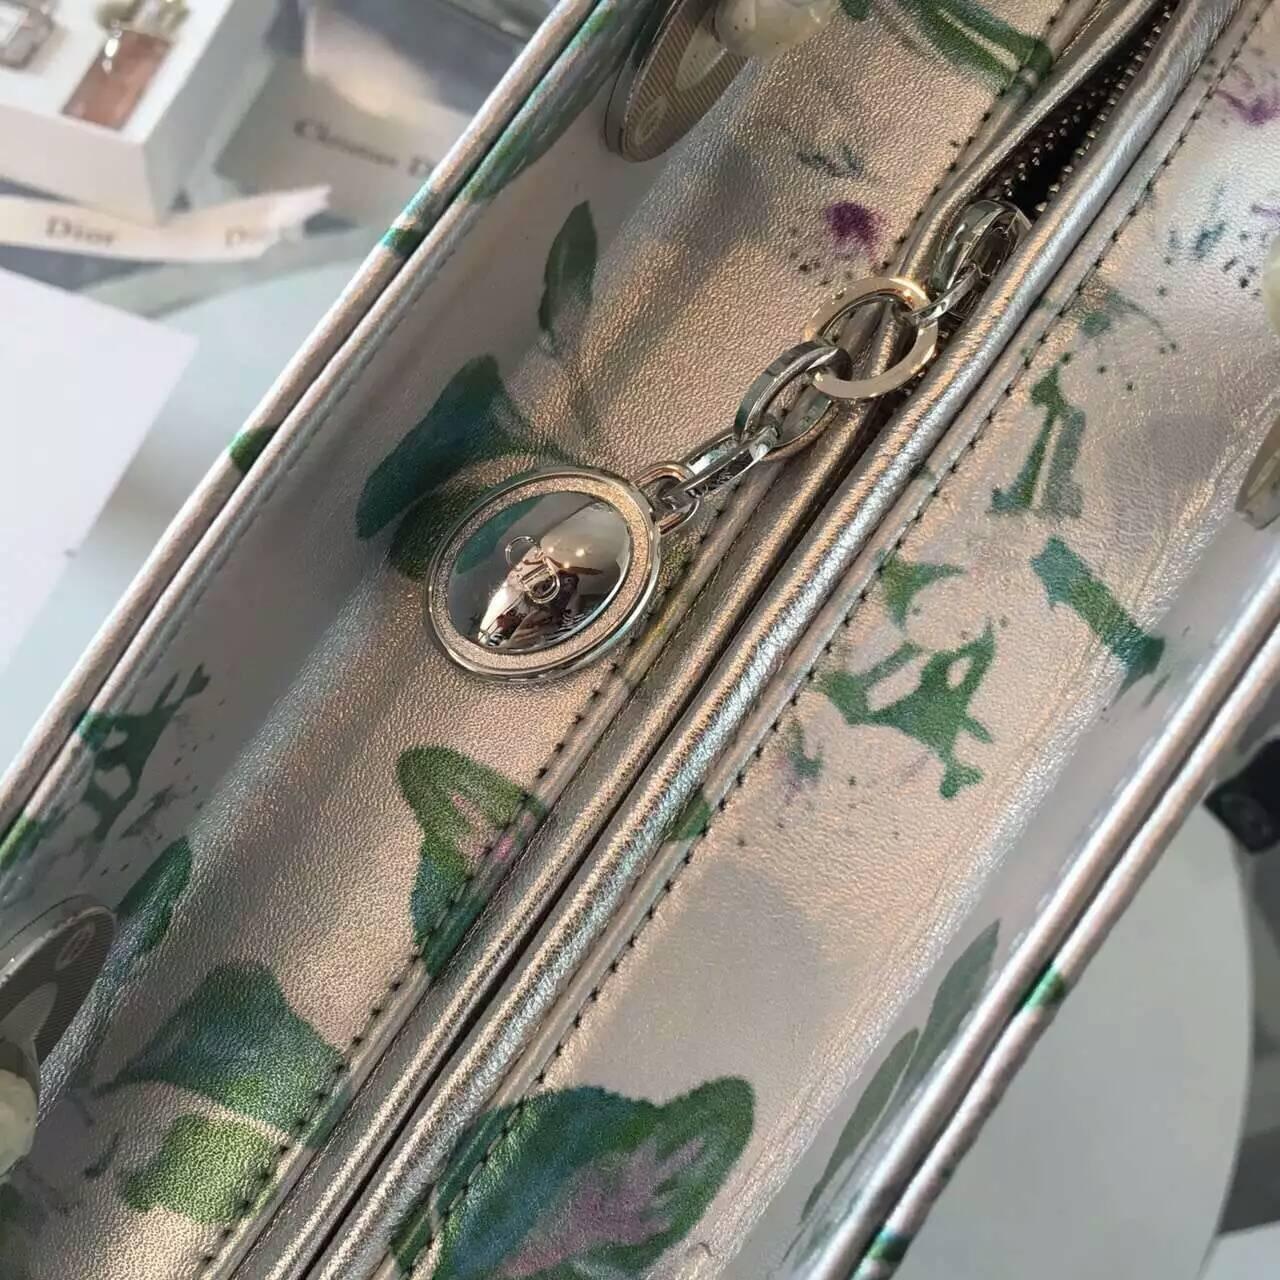 迪奥包包官网 Lady Dior迪奥印花五格戴妃包24cm 手提女包